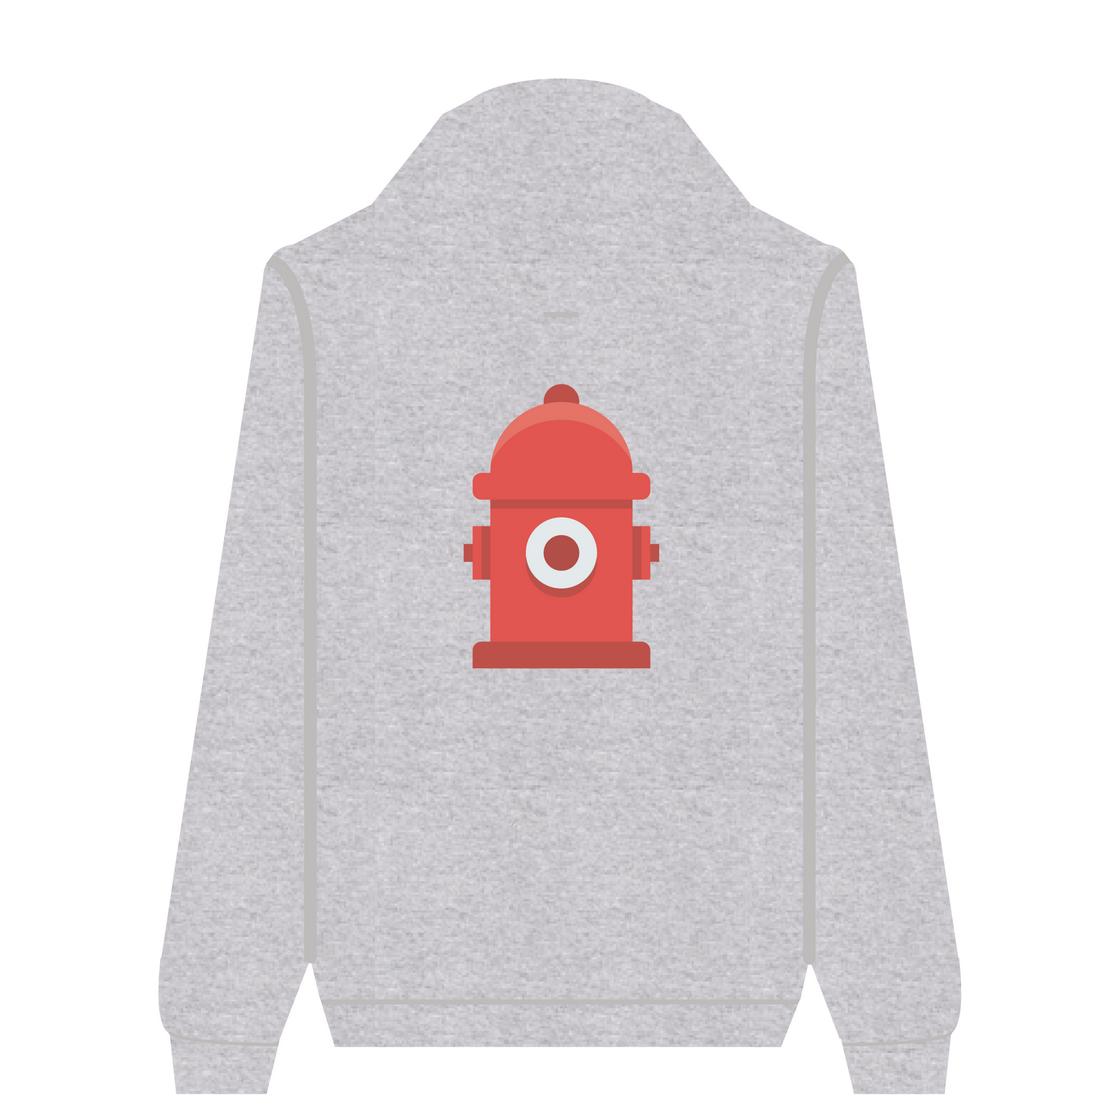 Full Zip Hoodie Fire Hydrant | Wuzzee